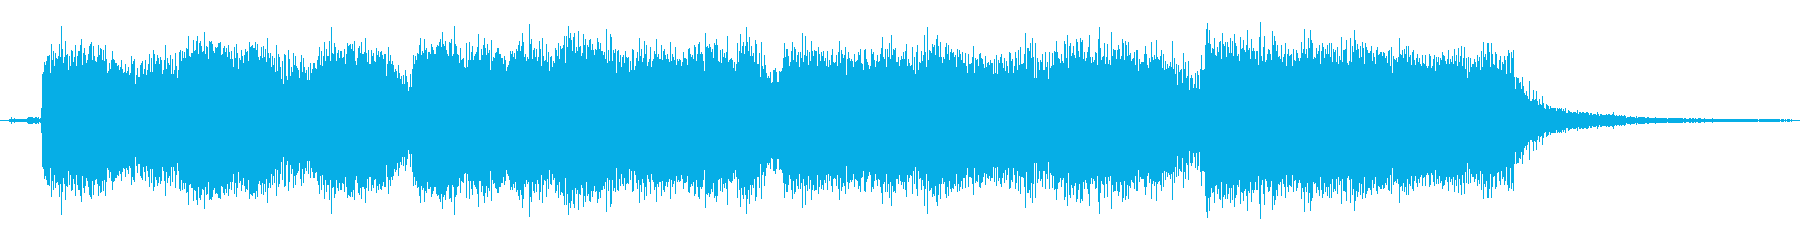 ハードロックのギターのジングルの再生済みの波形